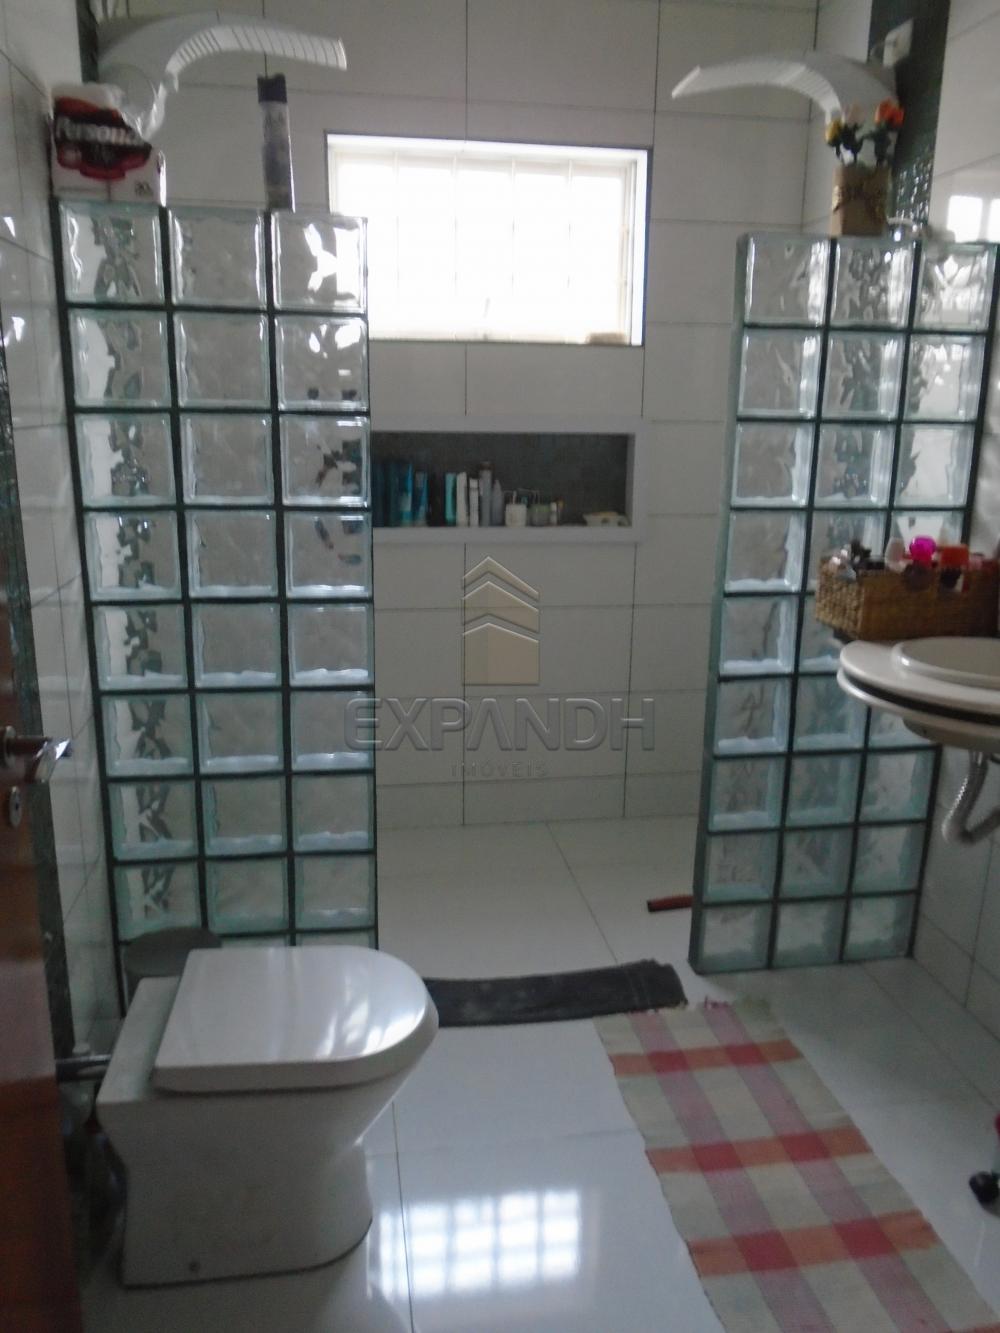 Comprar Casas / Padrão em Sertãozinho apenas R$ 280.000,00 - Foto 10